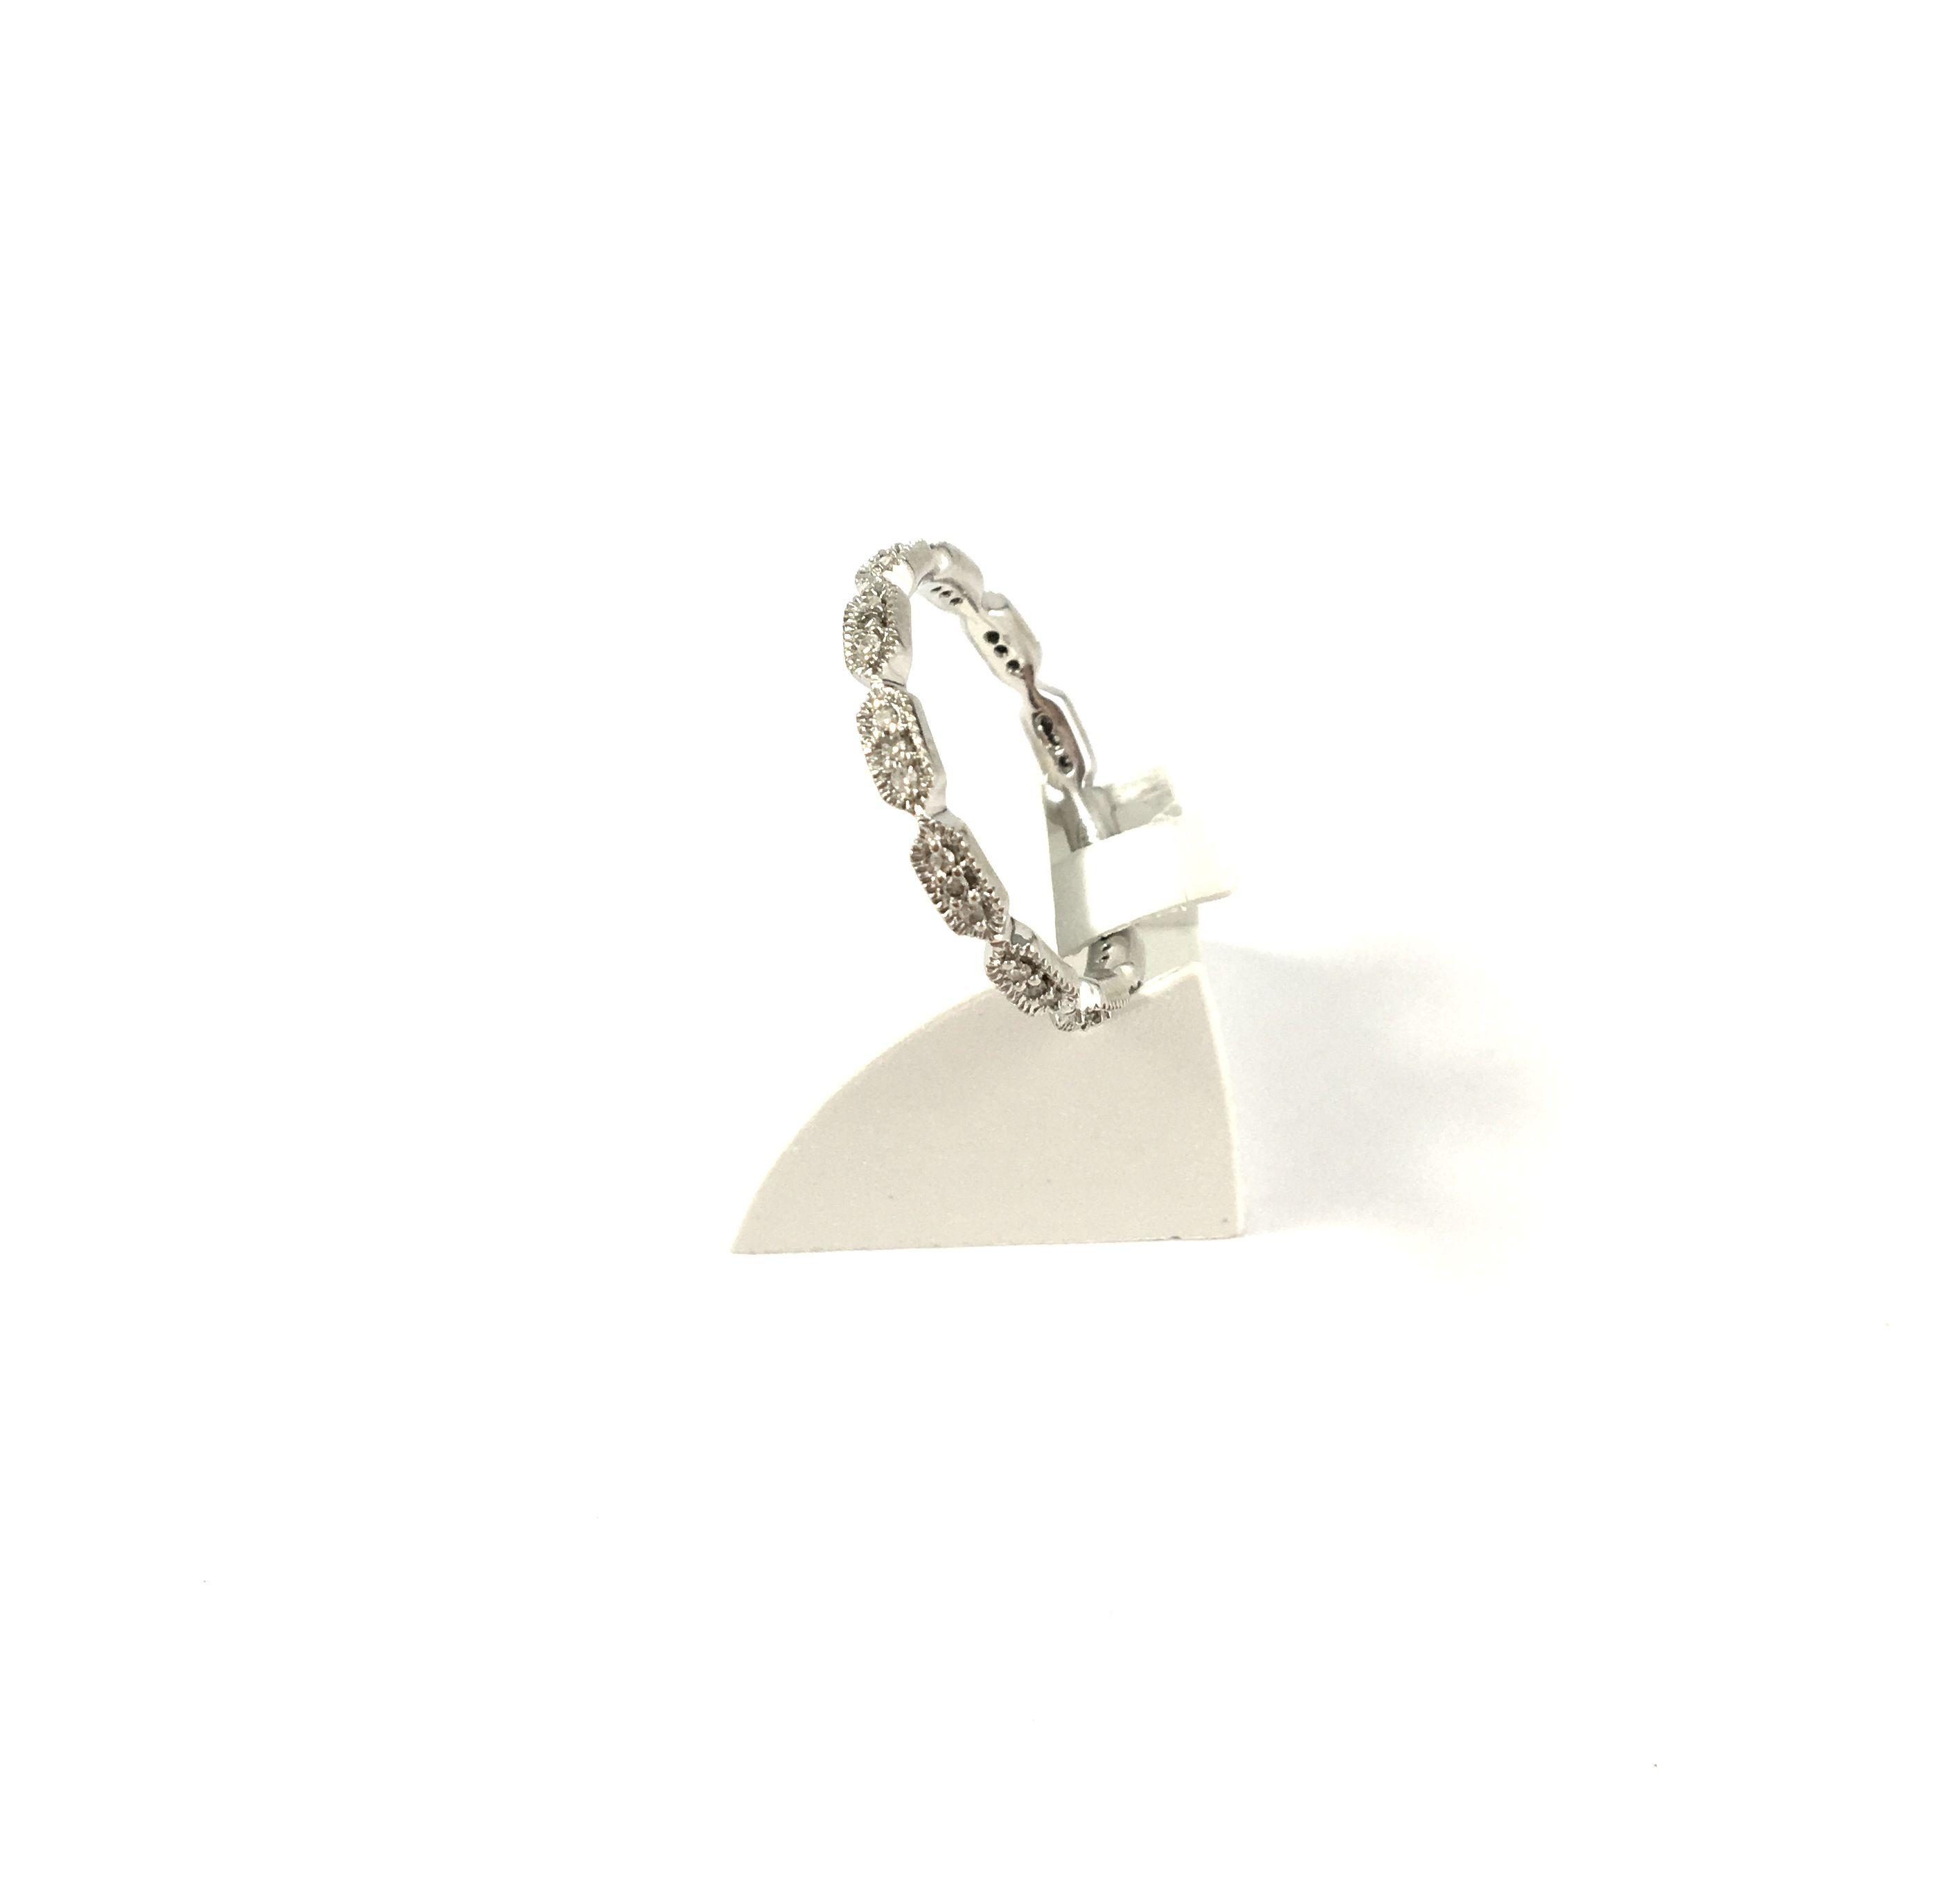 Magnifique alliance en or gris et diamants, tout en finesse en vente sur www.BijouxAnciens.Paris